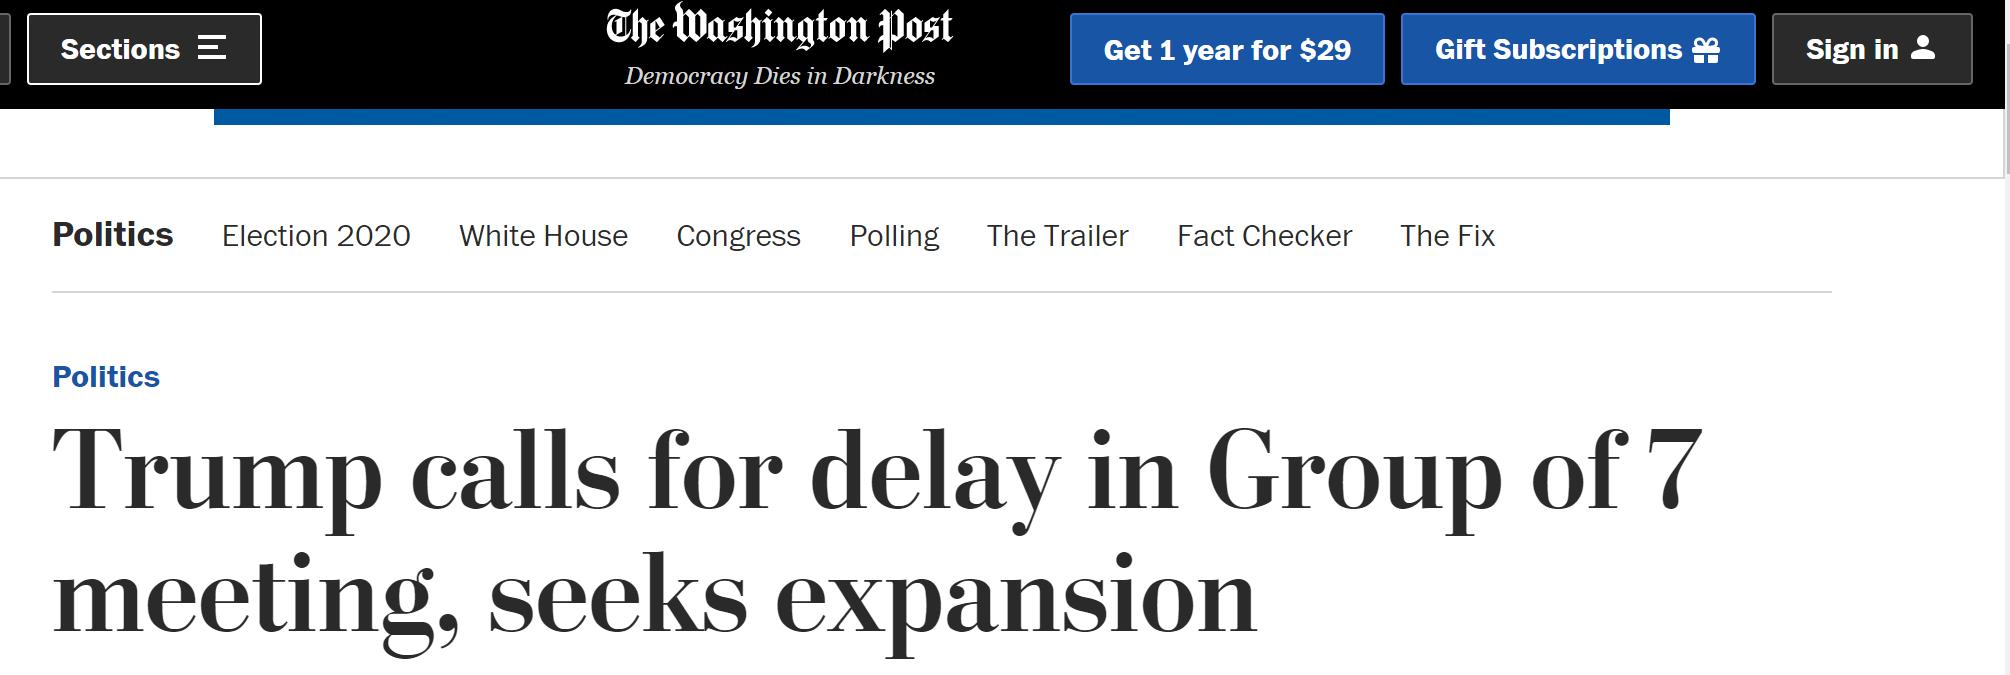 【btcchina.com】_特朗普称将把G7会议推迟至秋季 并呼吁扩大成员规模